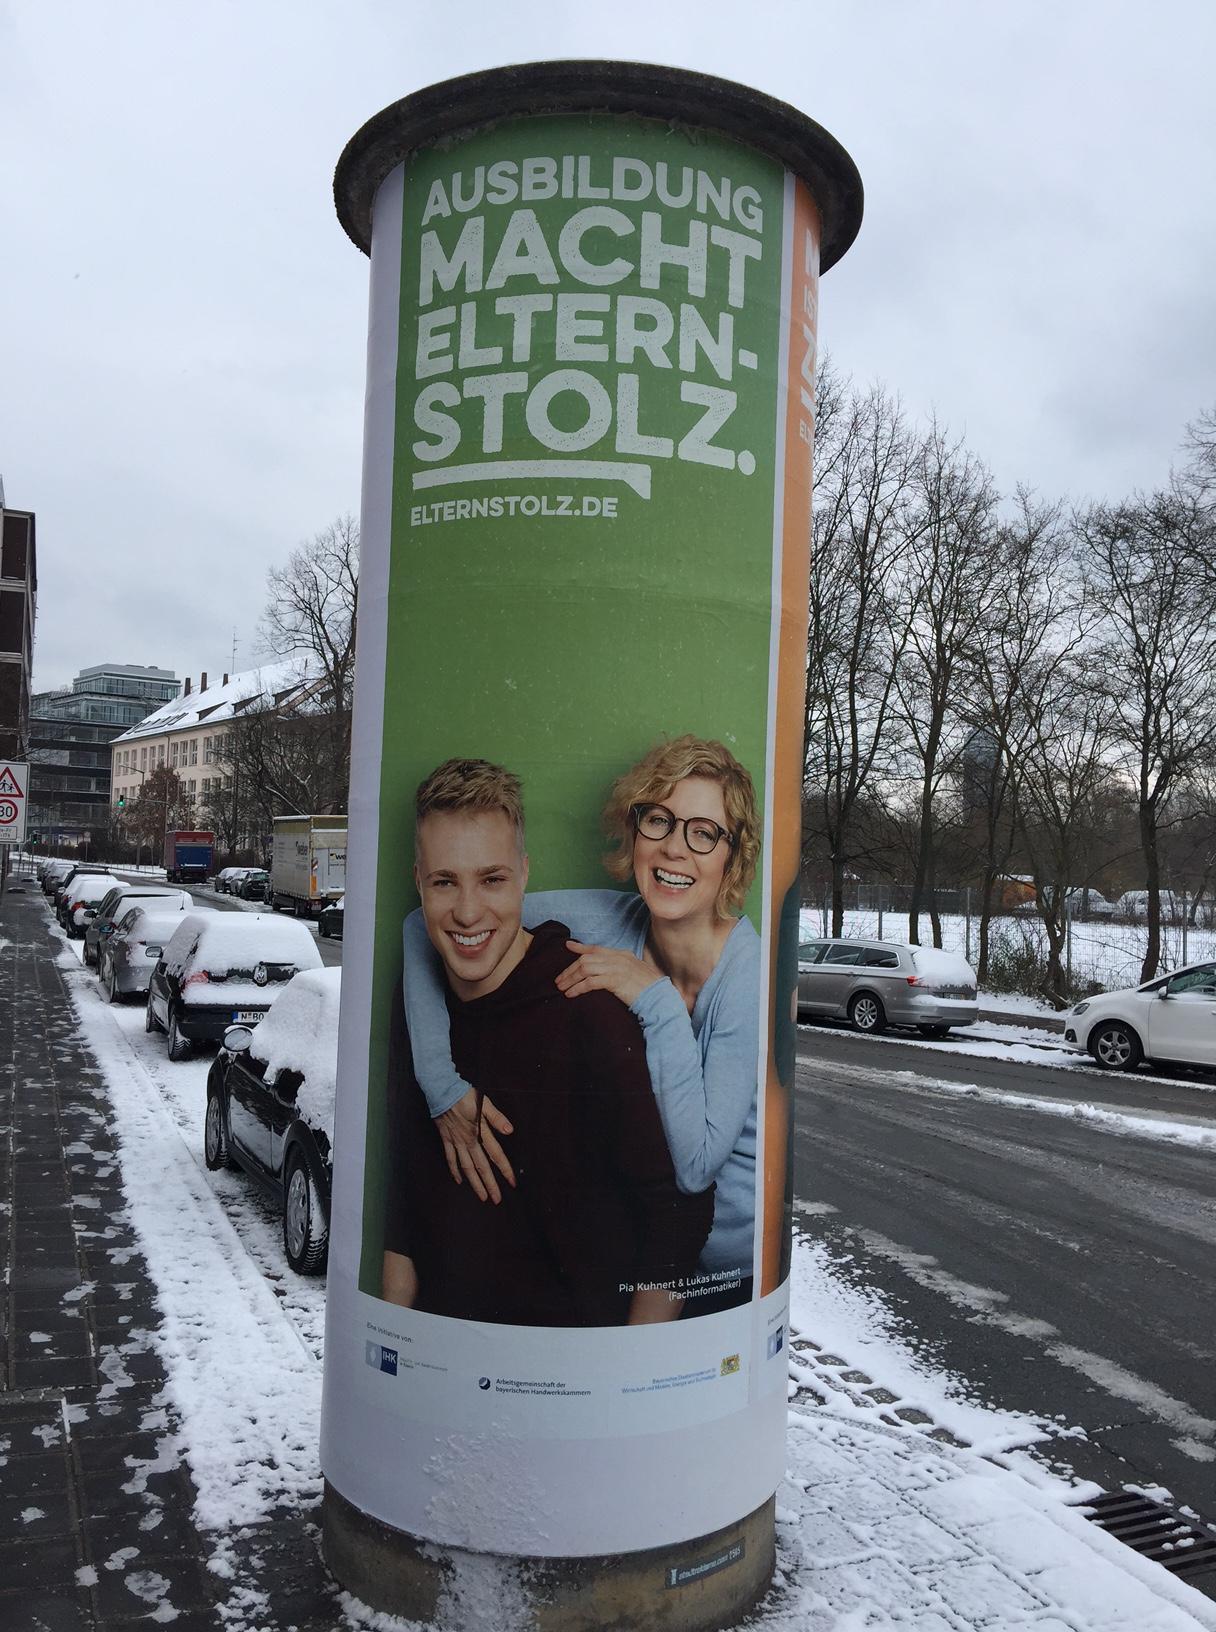 Elternstolz Kampagne